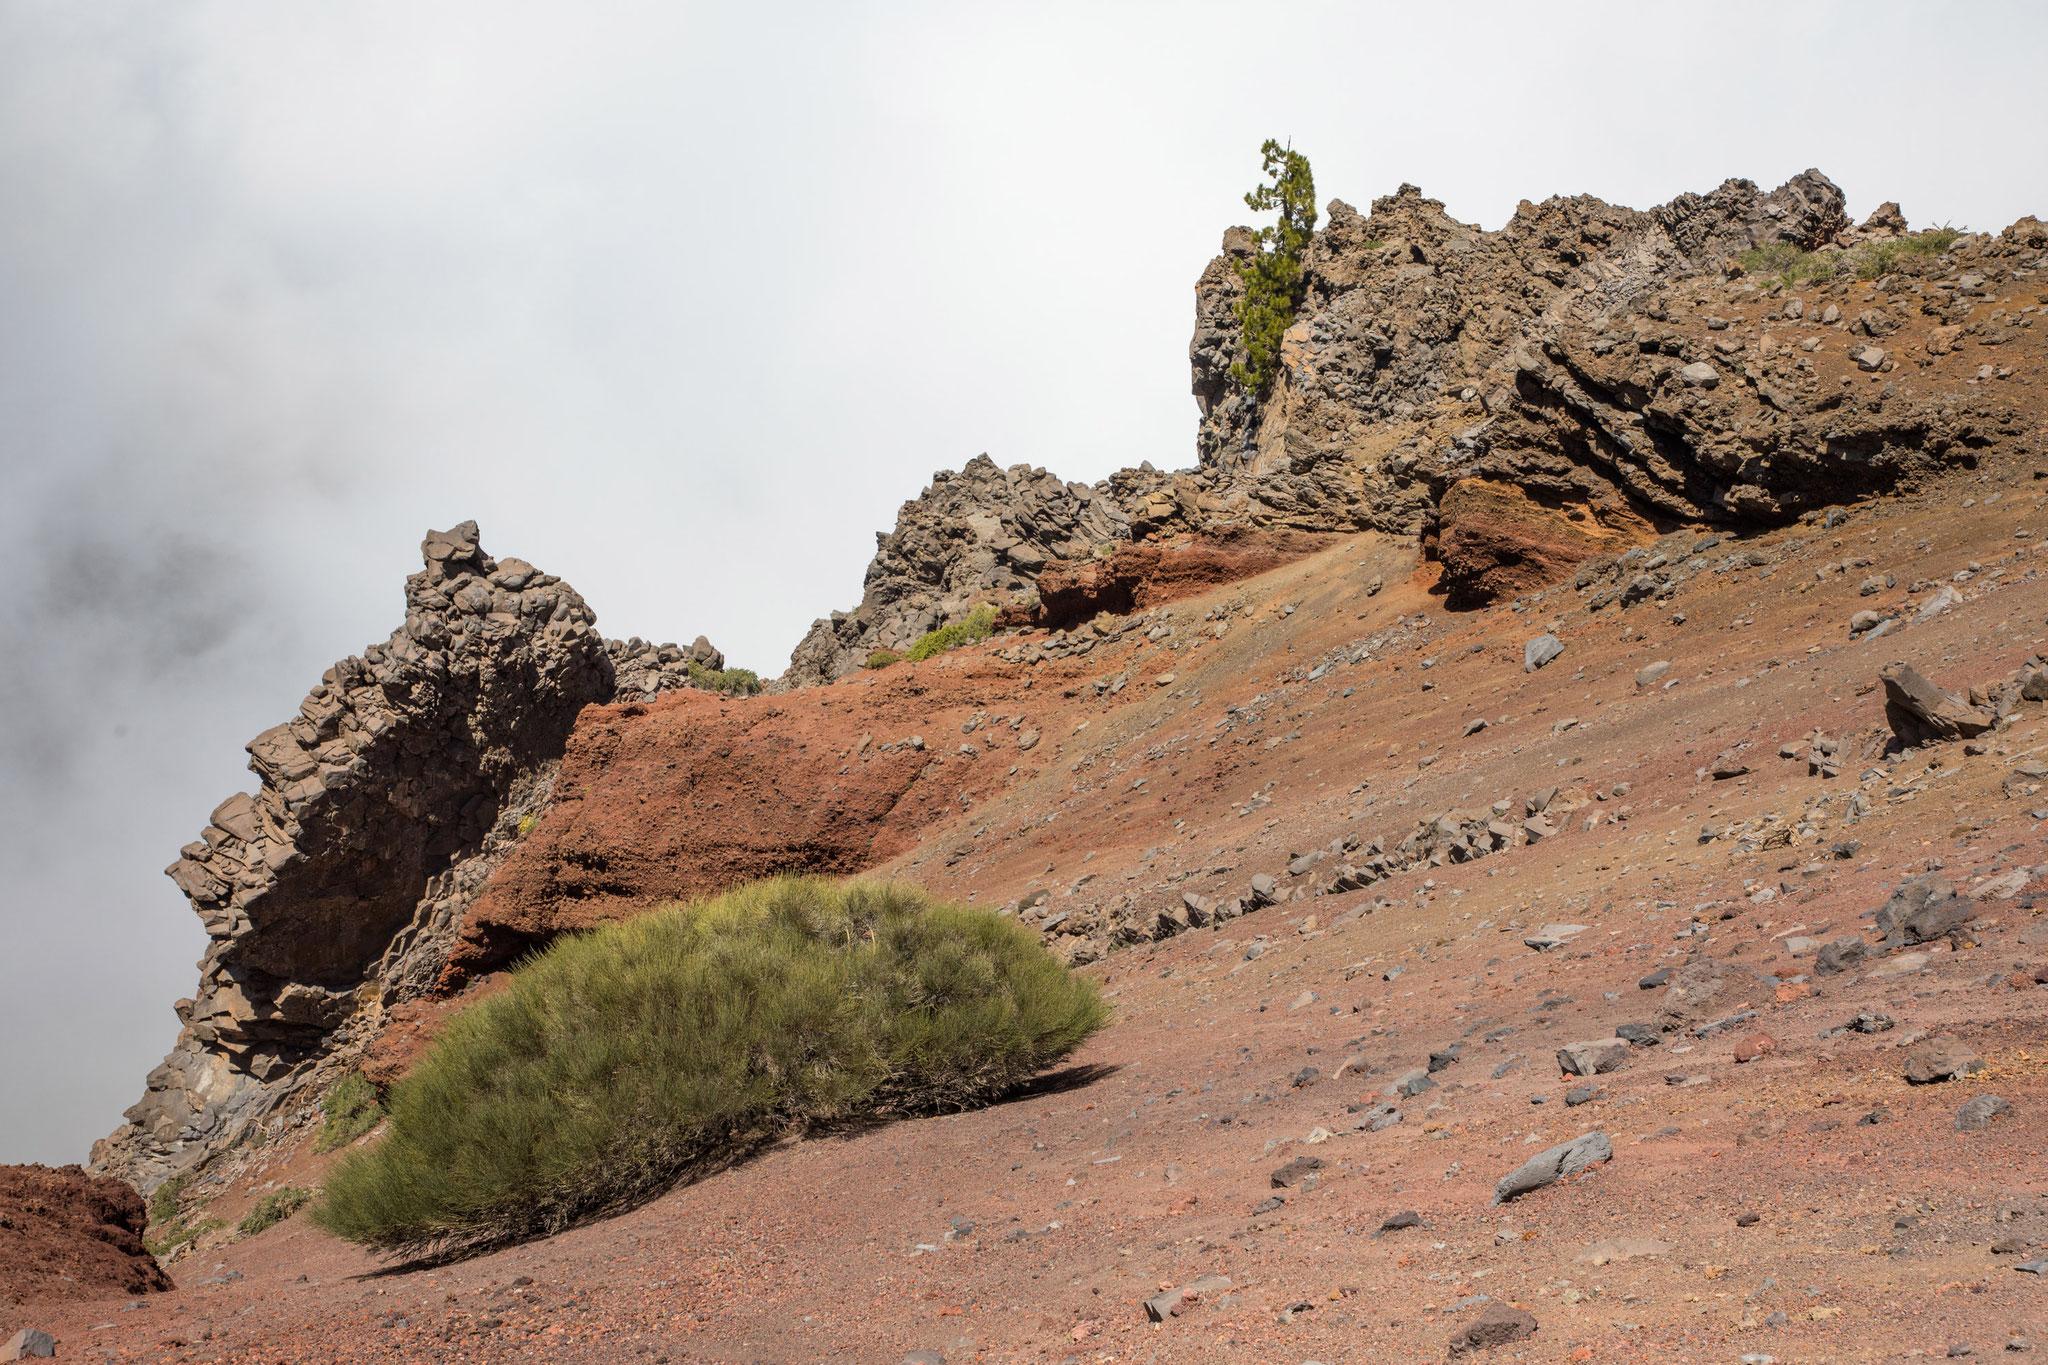 Wanderung am Kraterrand vom Roque de las Muchachos zum Pass Dellogada de Franceses